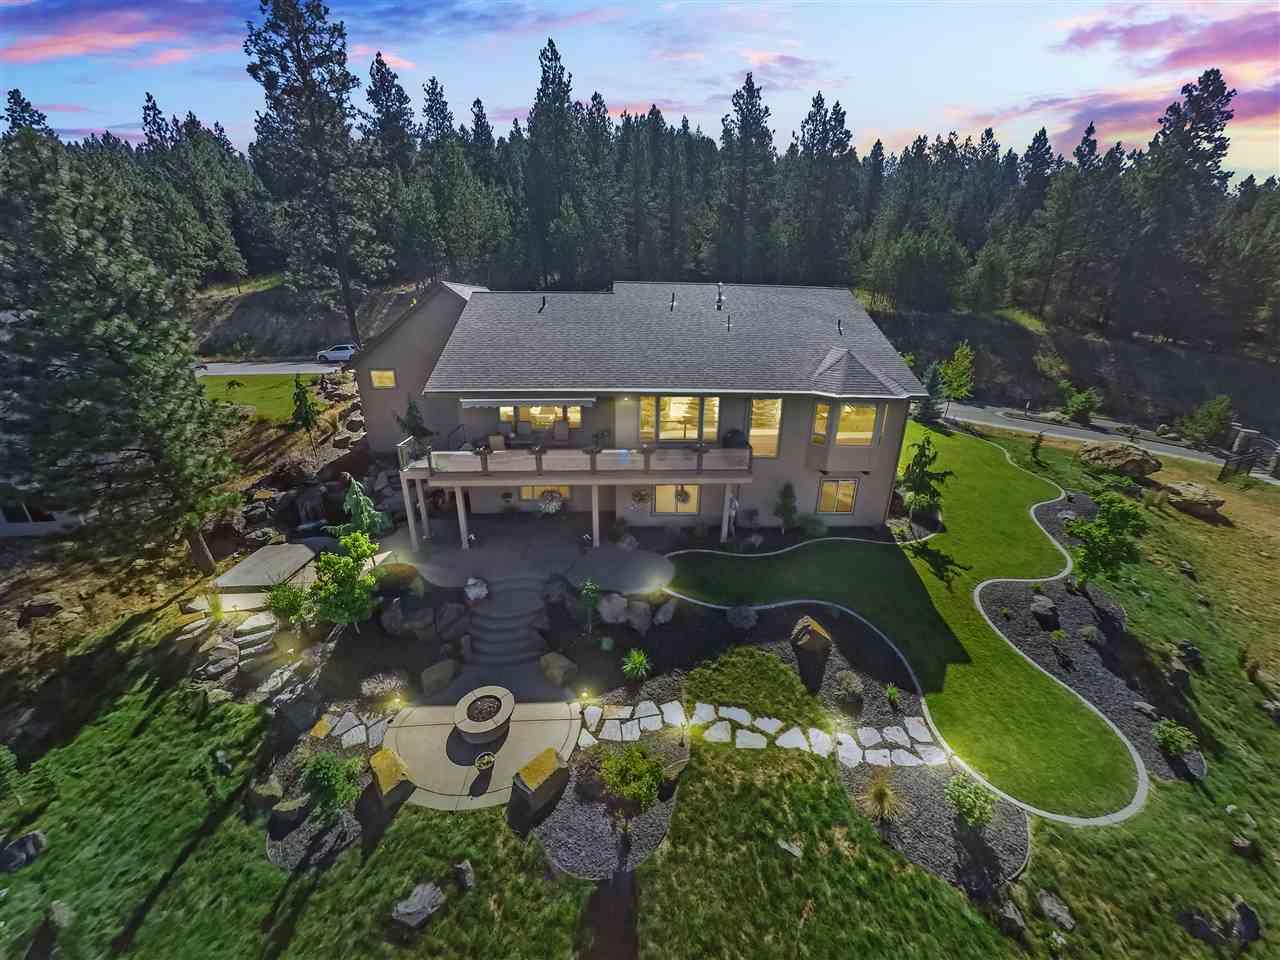 Single Family Home for Sale at 125 N Bella Lago Lane 125 N Bella Lago Lane Liberty Lake, Washington 99019 United States